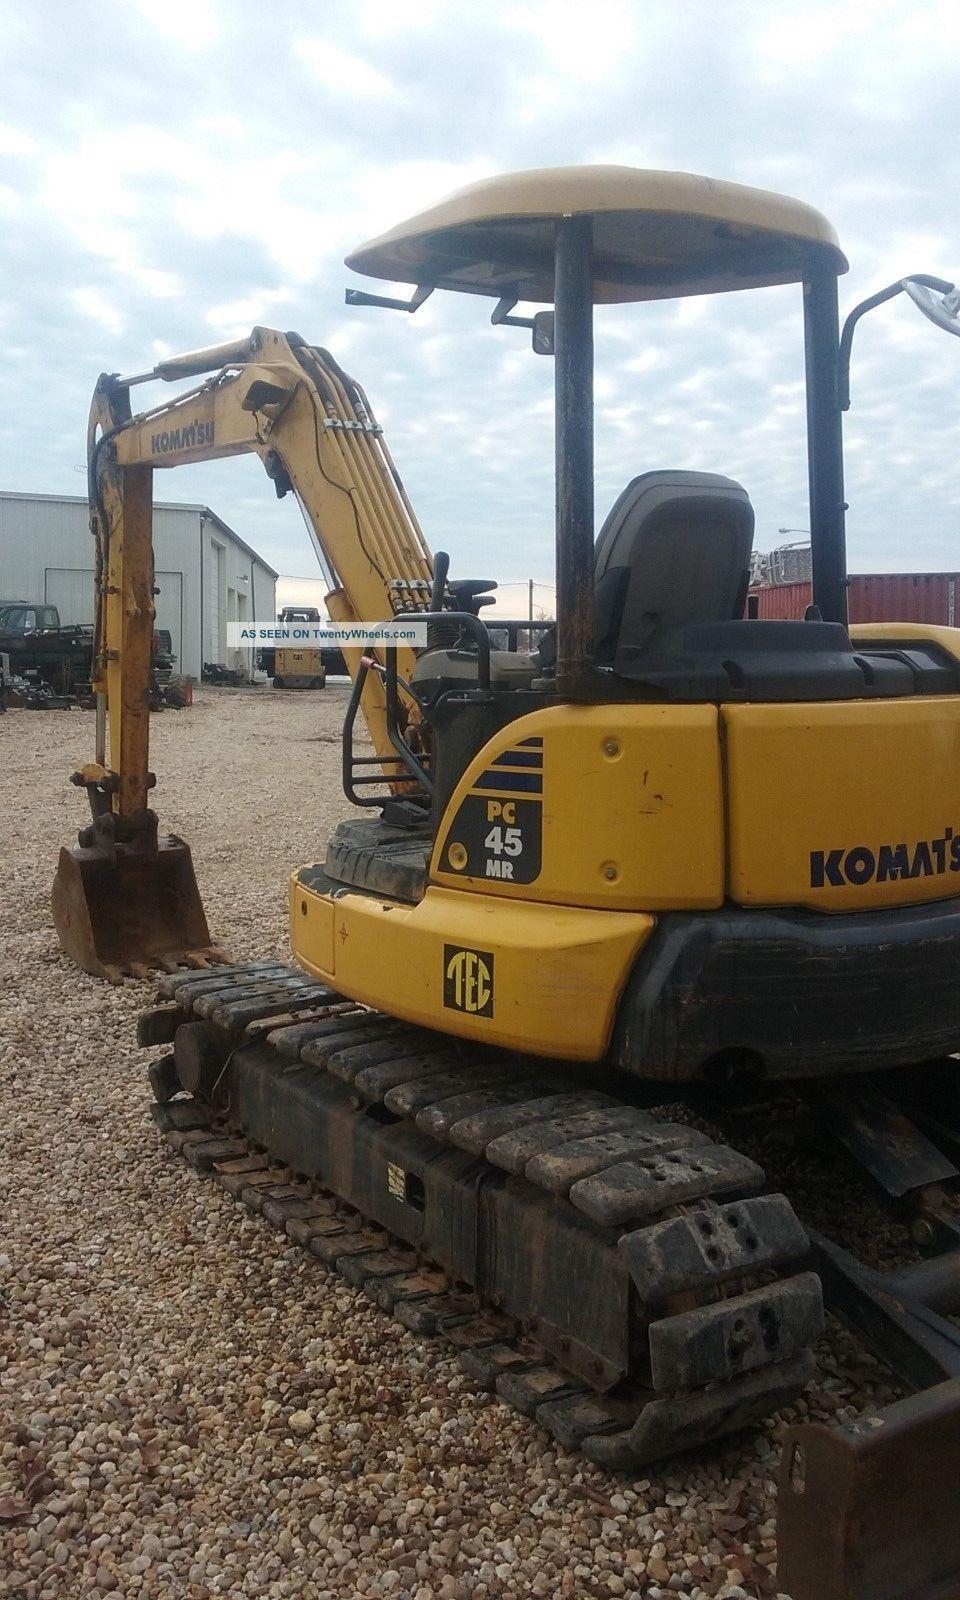 Komatsu Pc45mr - 3 Excavators photo